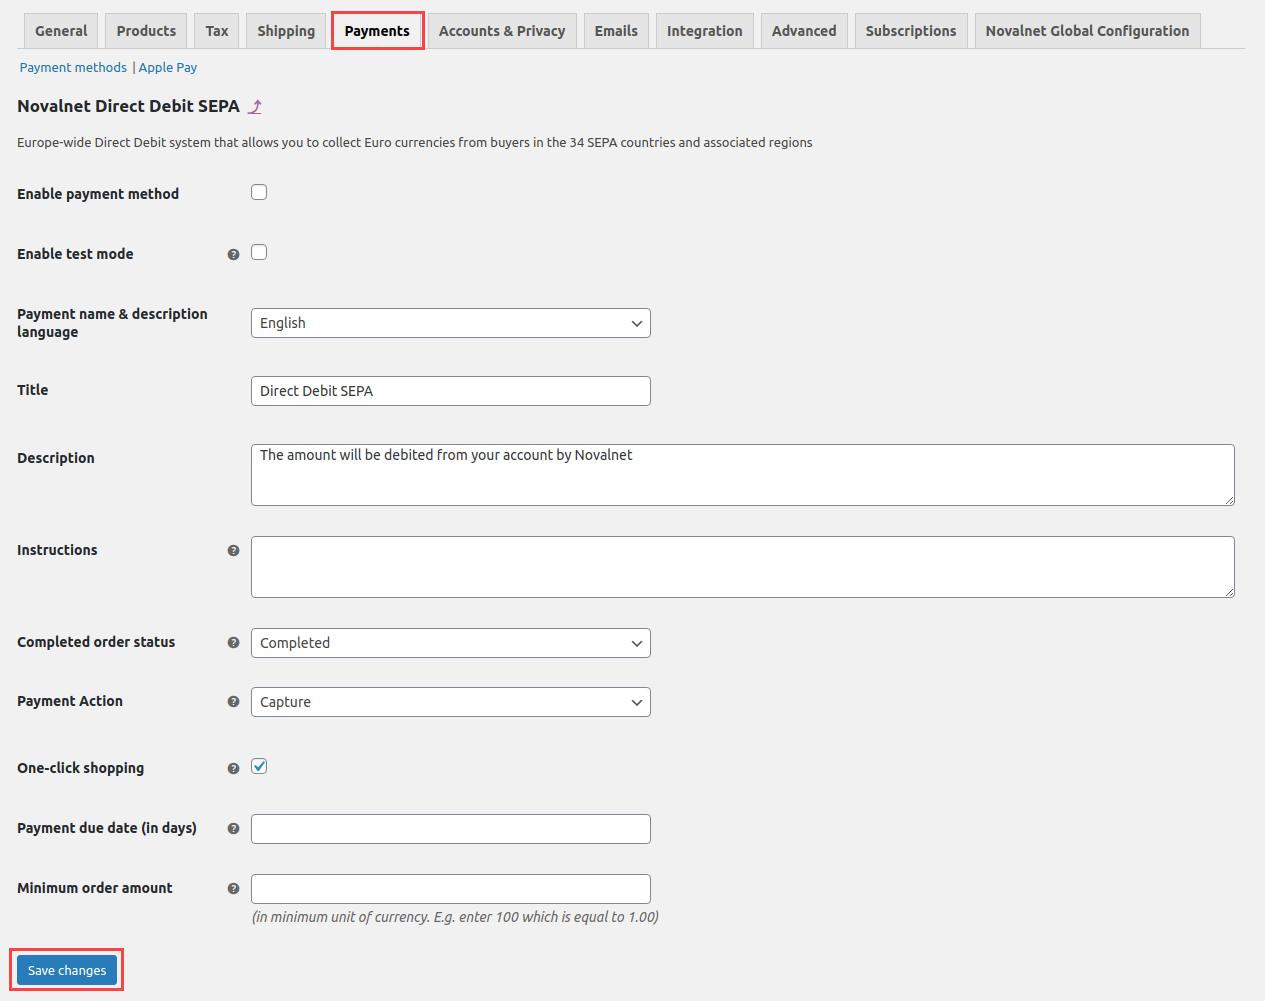 Novalnet individual payment (Direct Debit SEPA) configuration